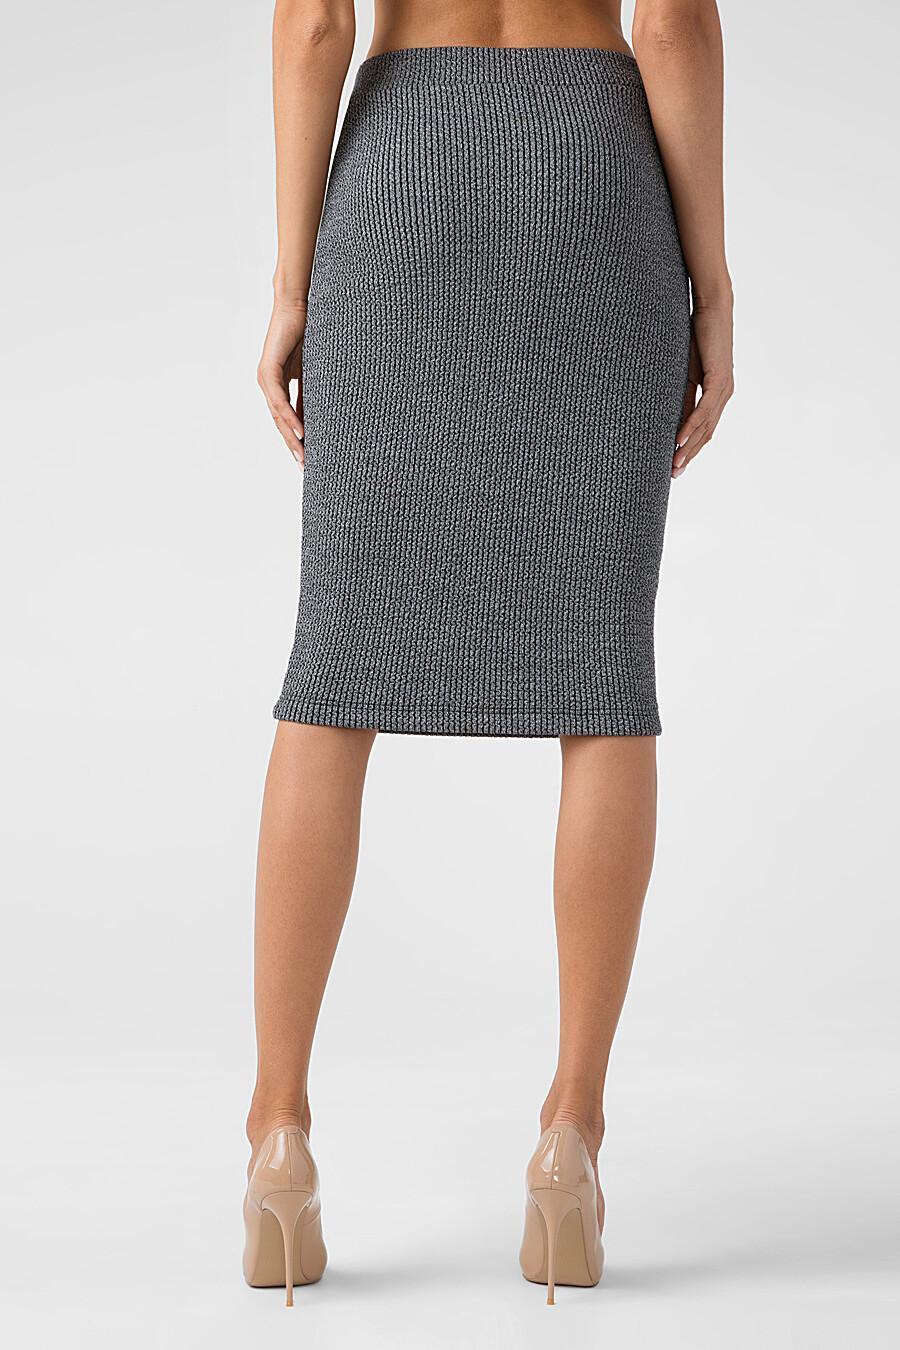 Юбка для женщин CONTE ELEGANT 148333 купить оптом от производителя. Совместная покупка женской одежды в OptMoyo